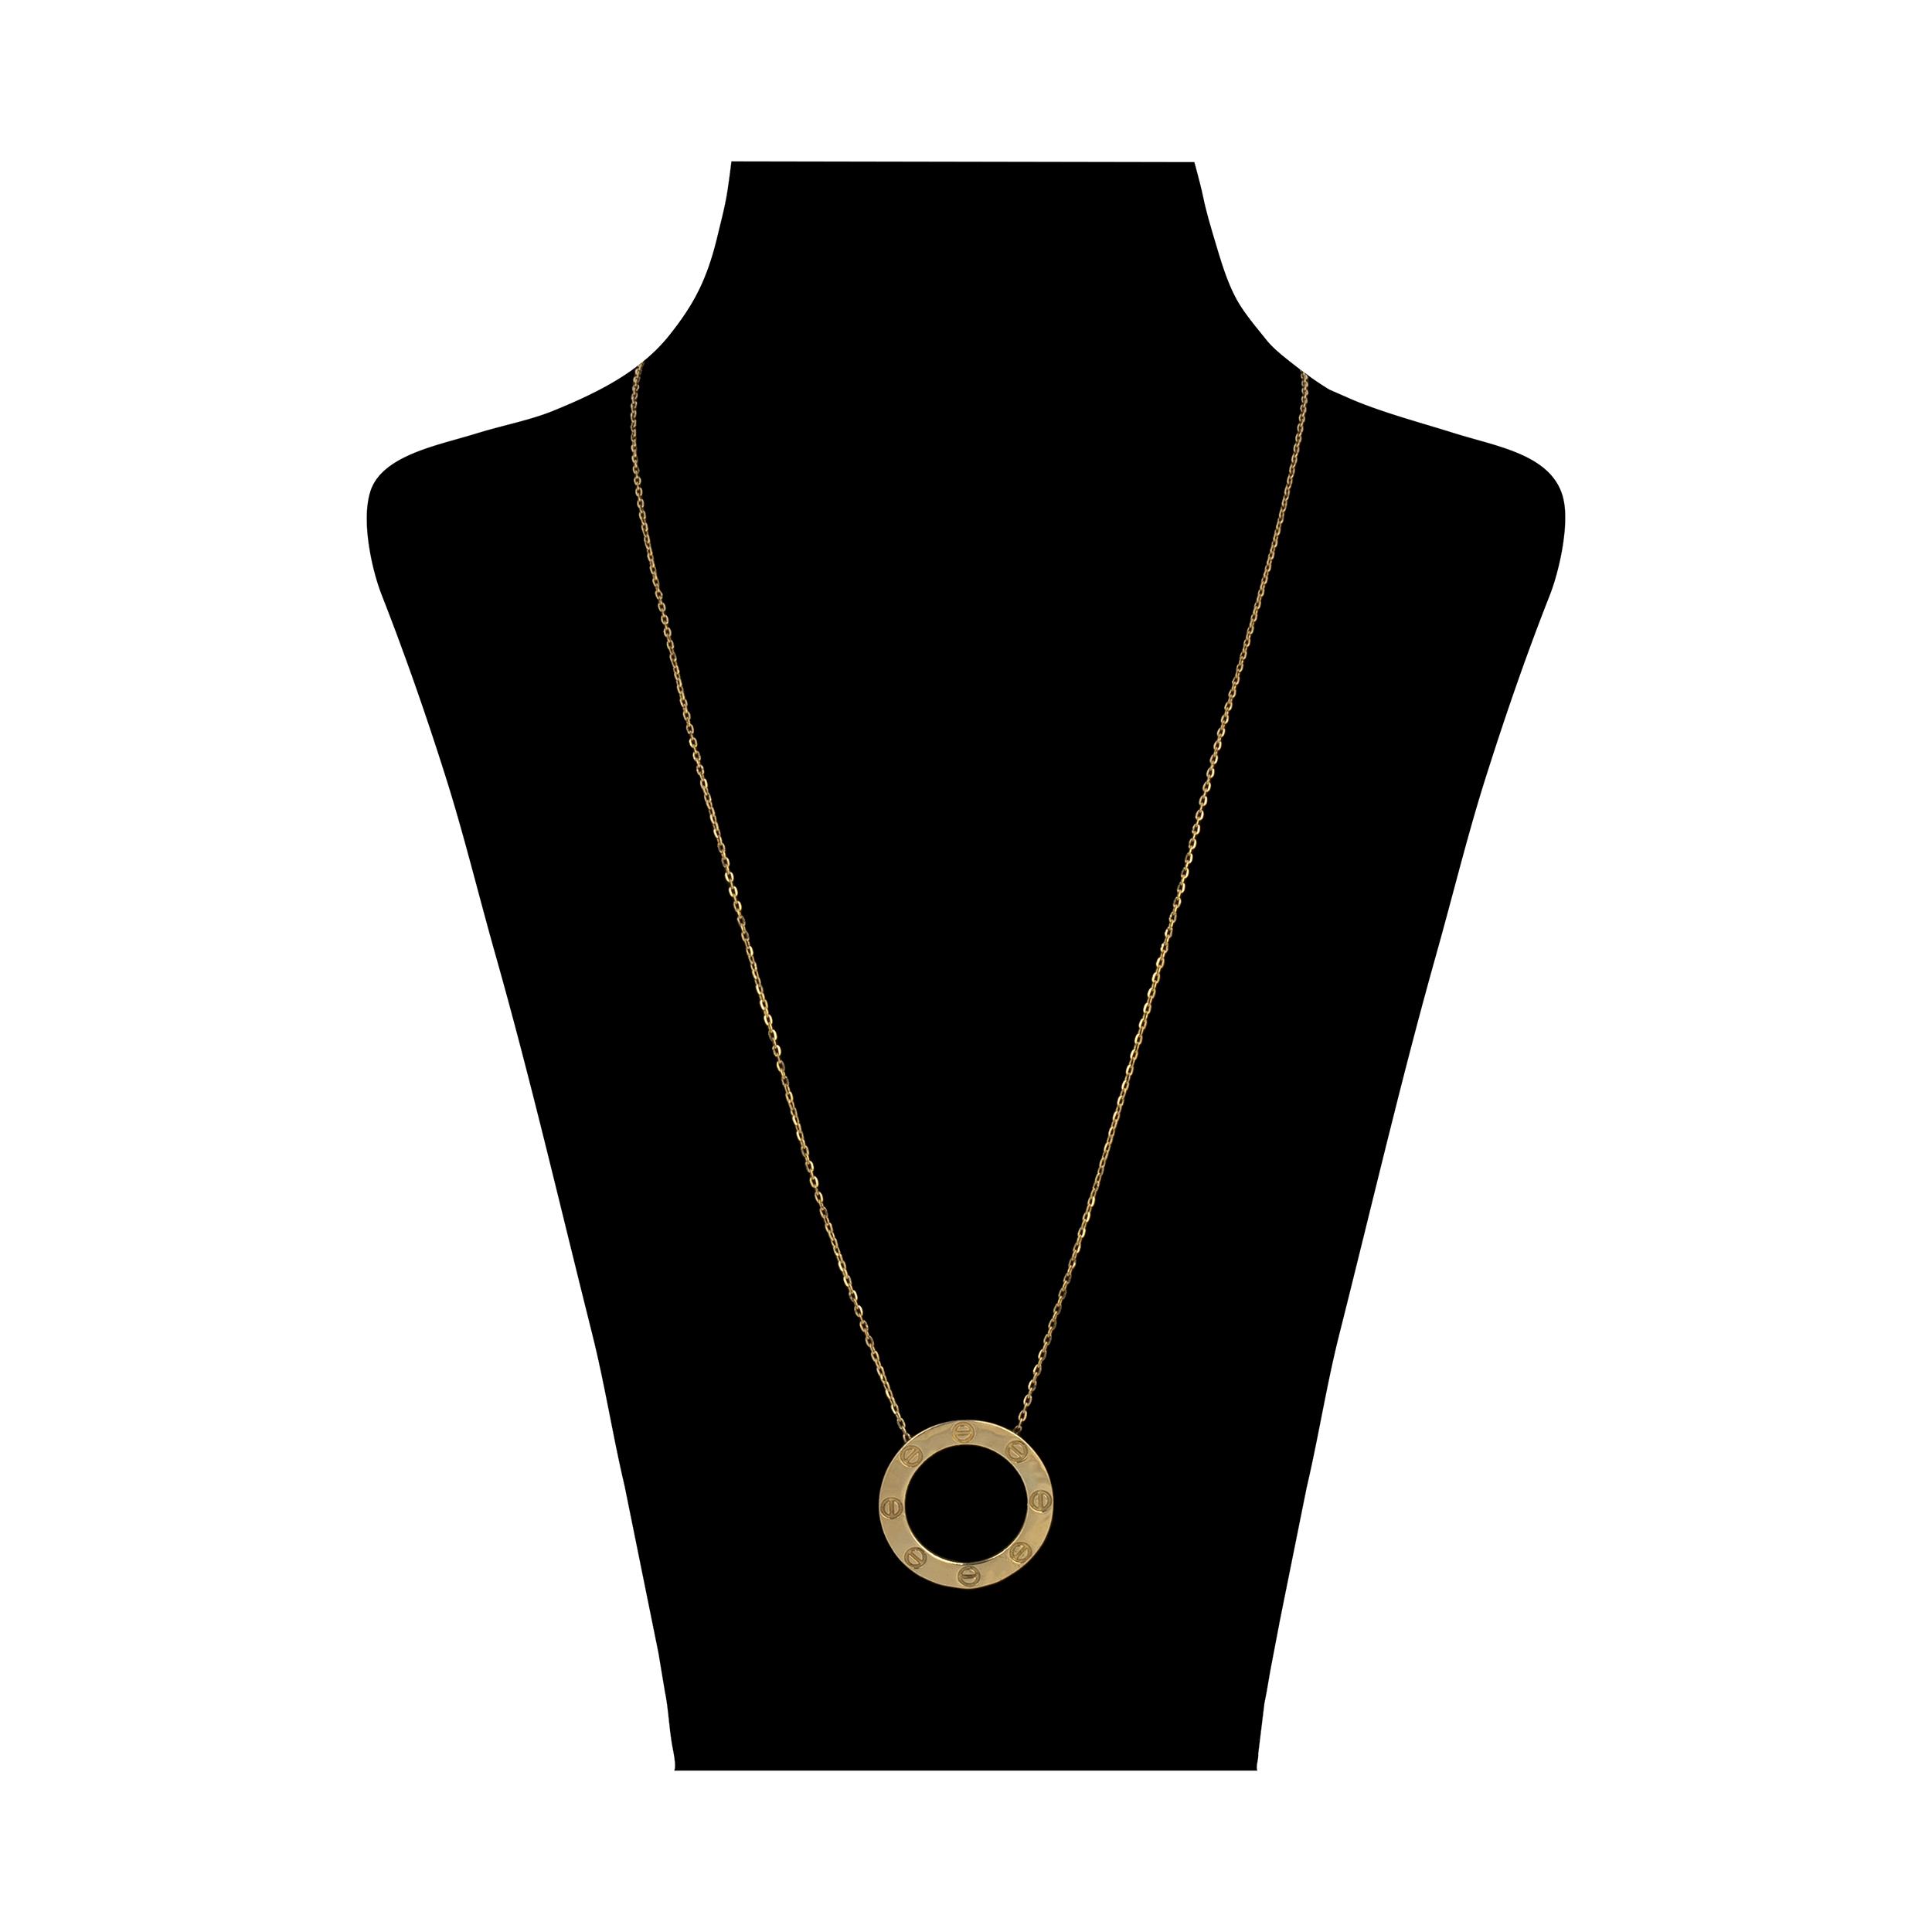 گردنبند طلا 18 عیار زنانه میو گلد مدل GD617 -  - 2